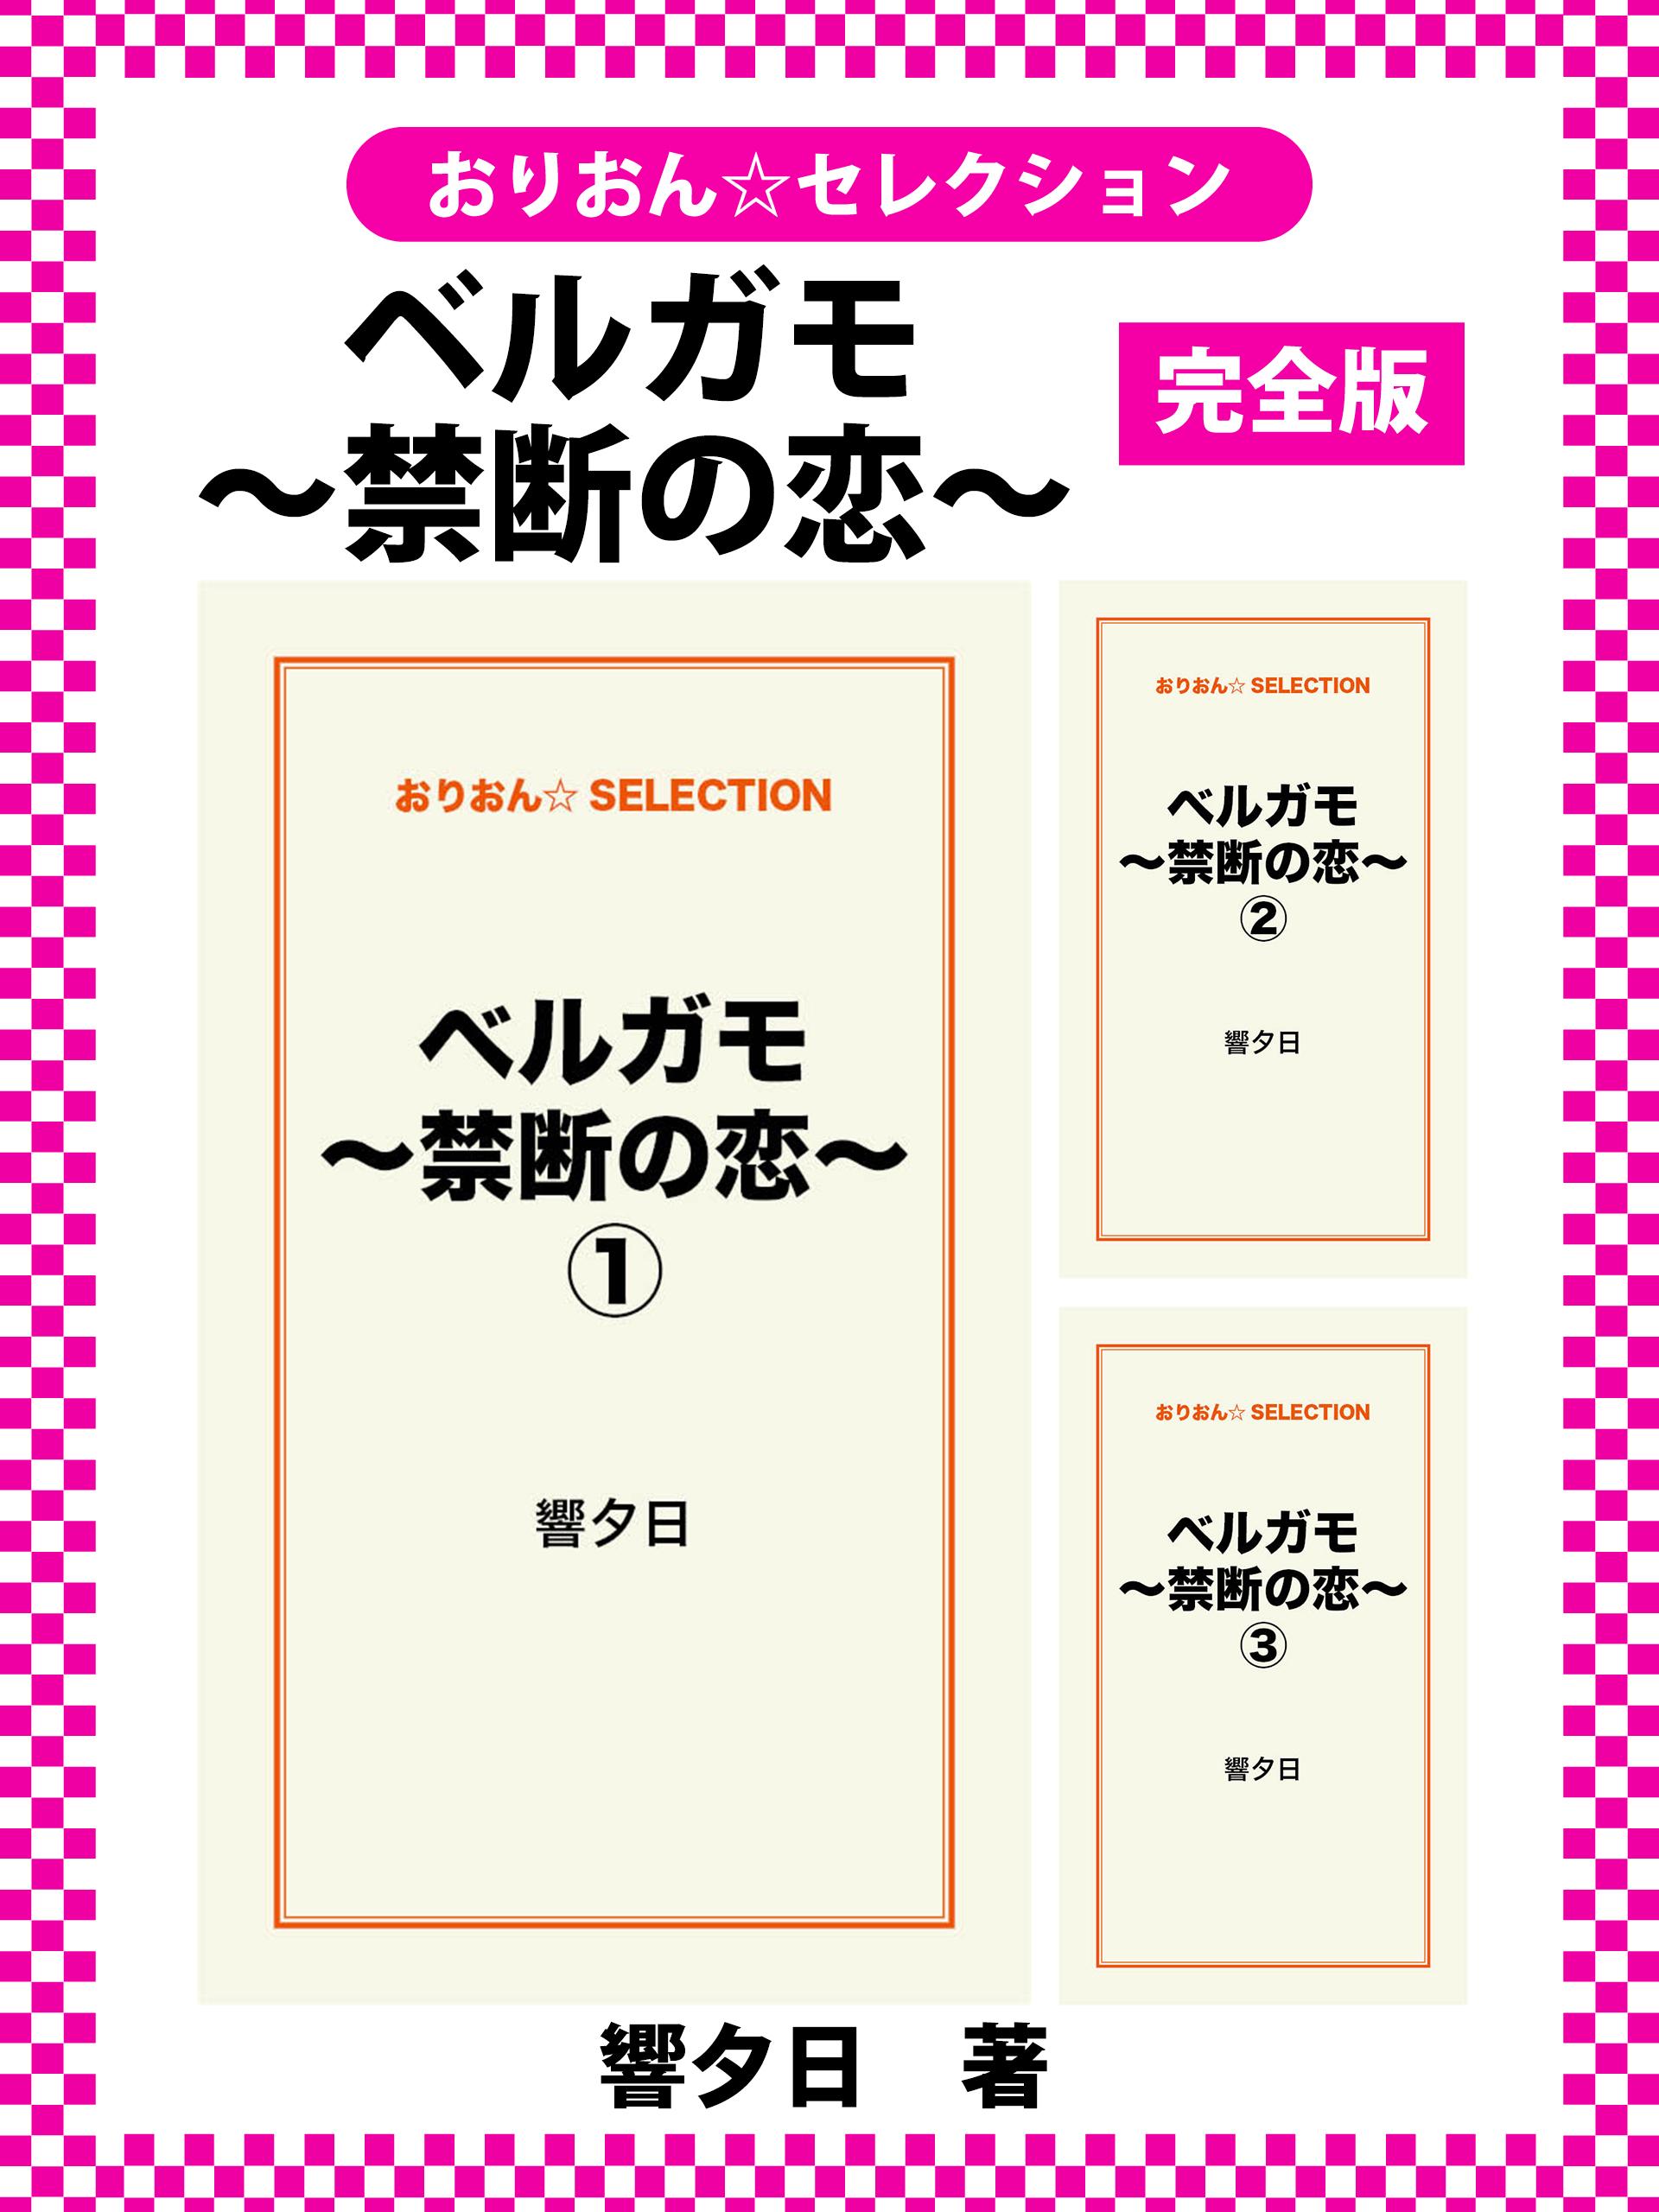 ベルガモ~禁断の恋~ 完全版